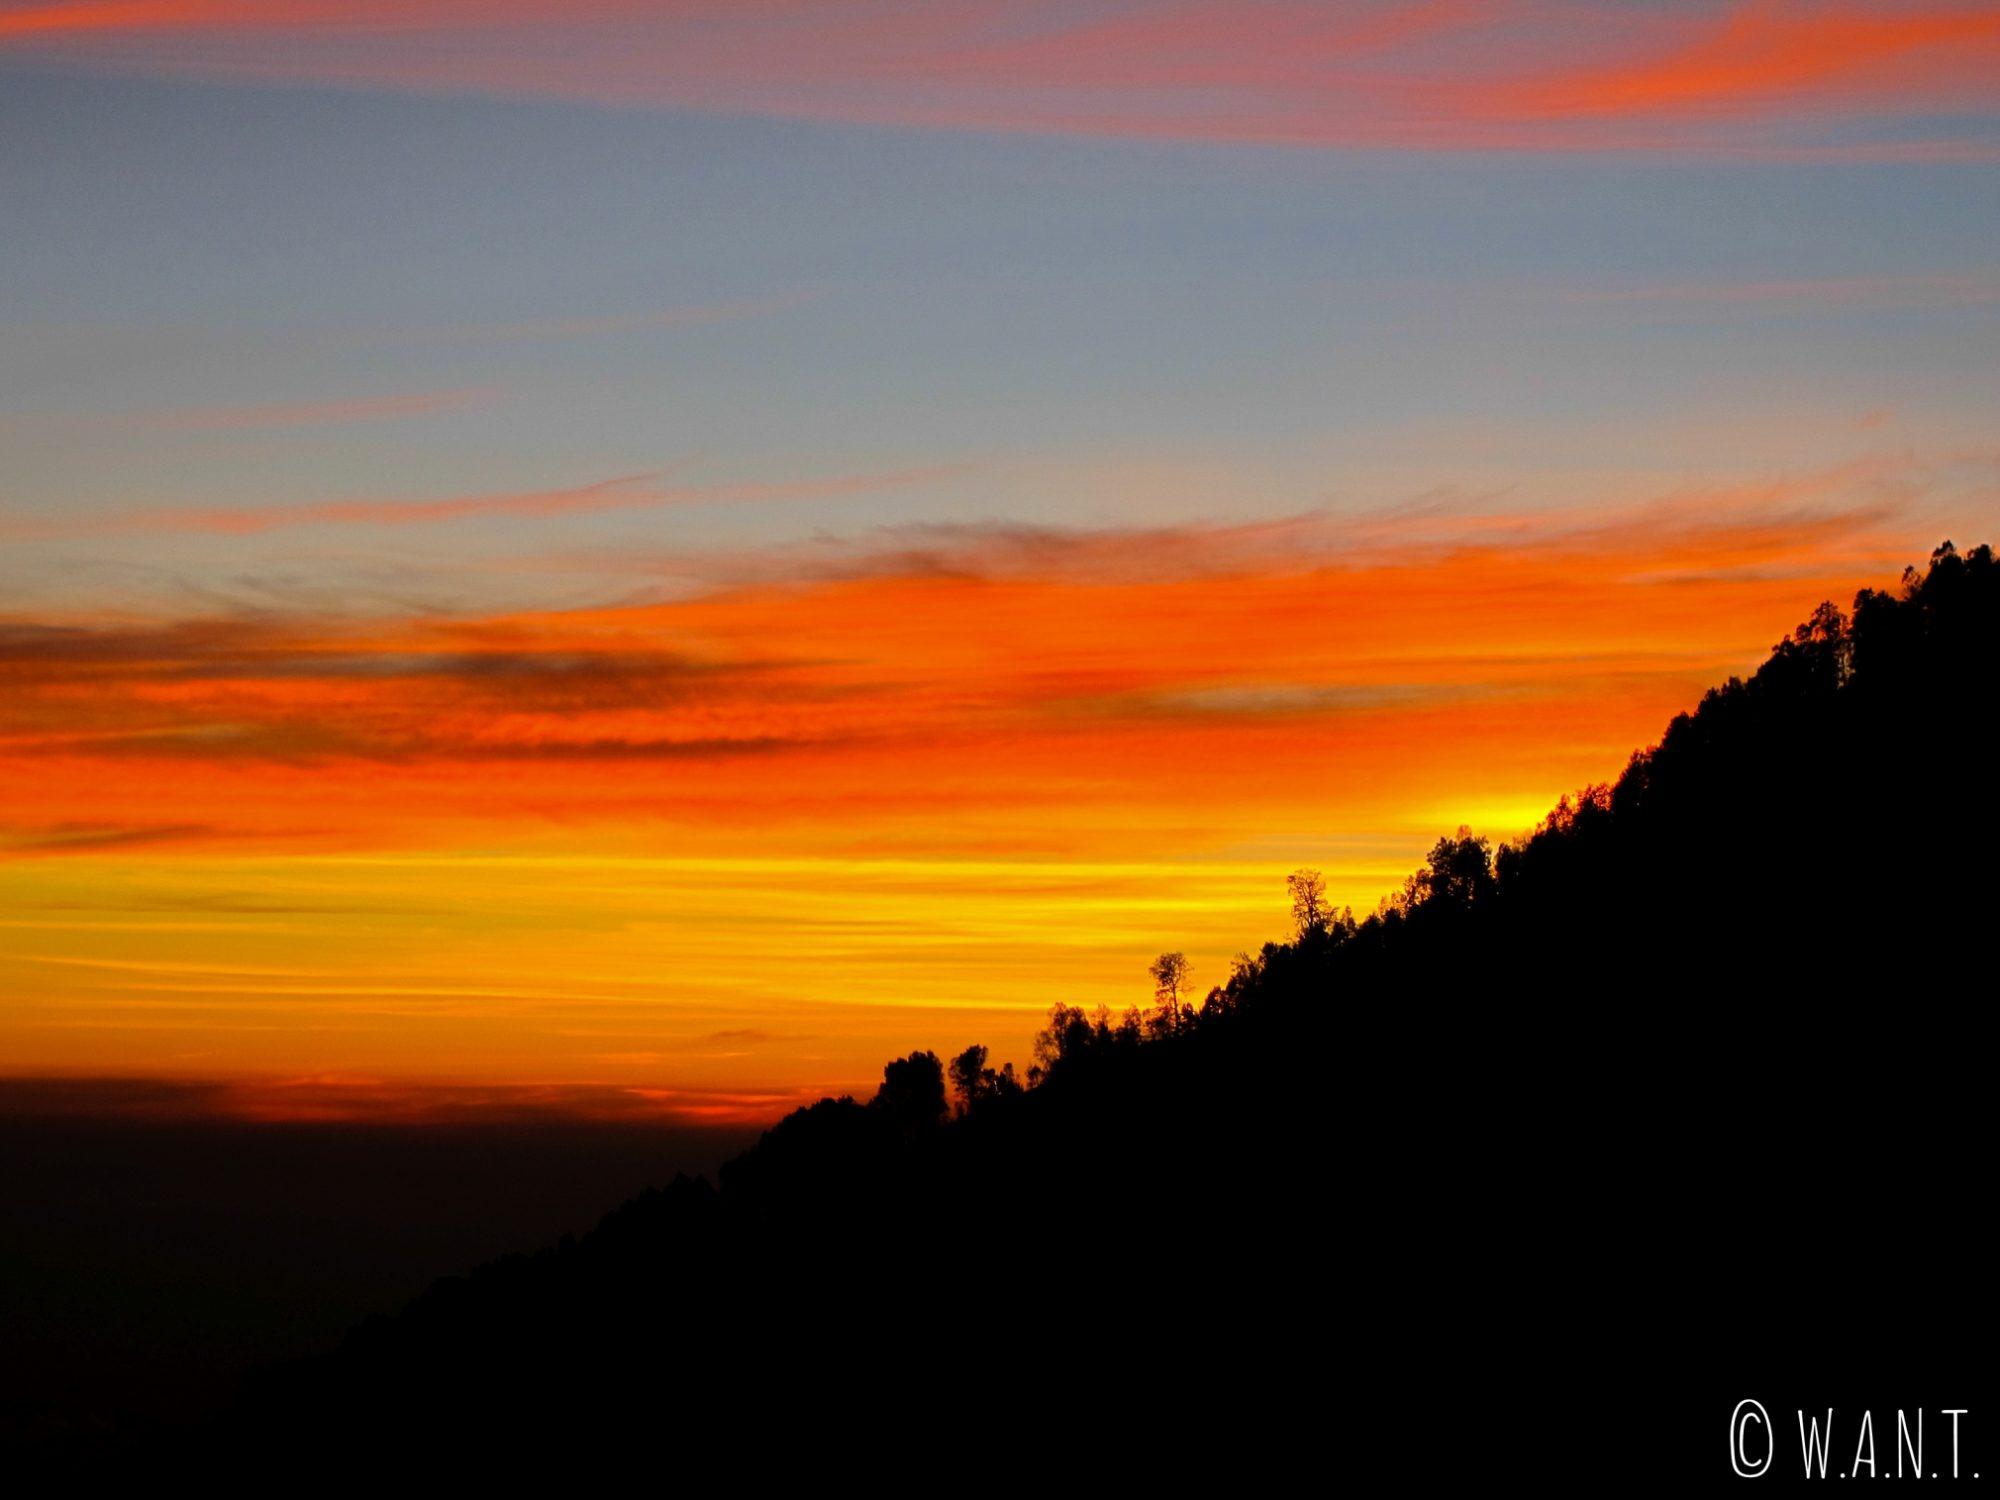 Magnifiques couleurs au lever du soleil depuis le sommet du cratère du Kawah Ijen